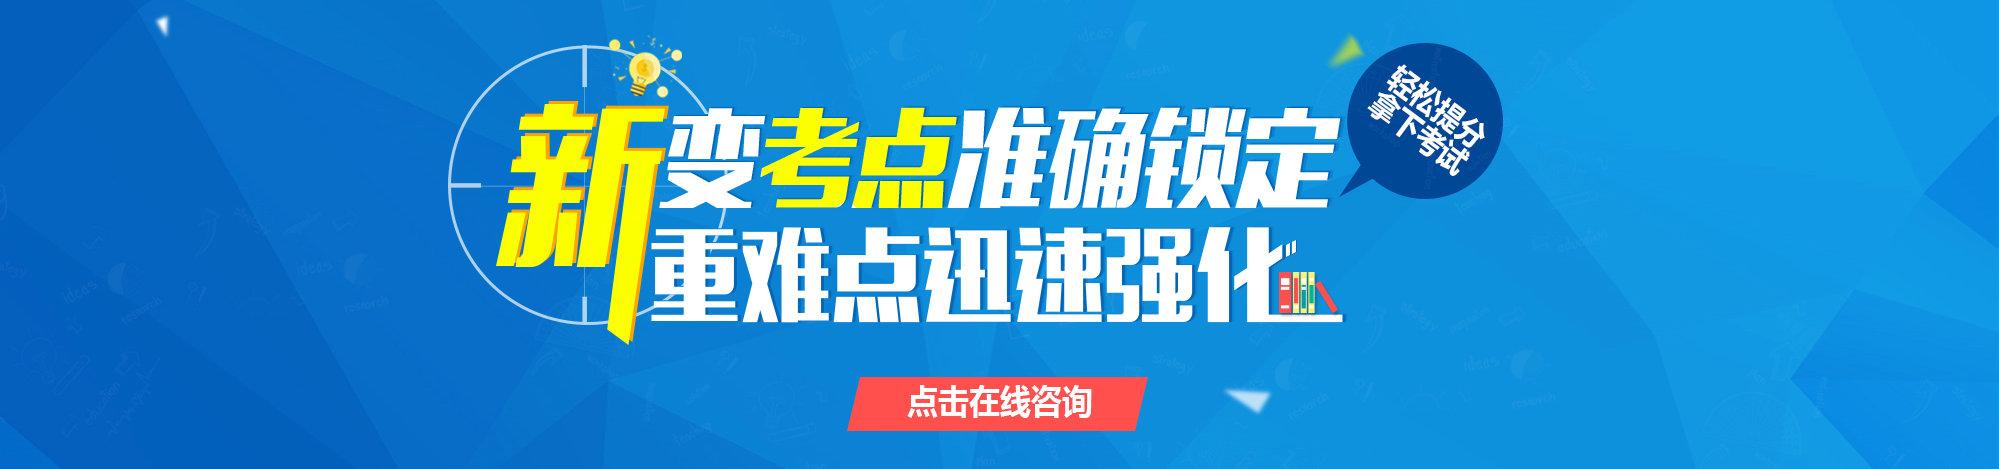 湖南衡阳优路教育培训学校